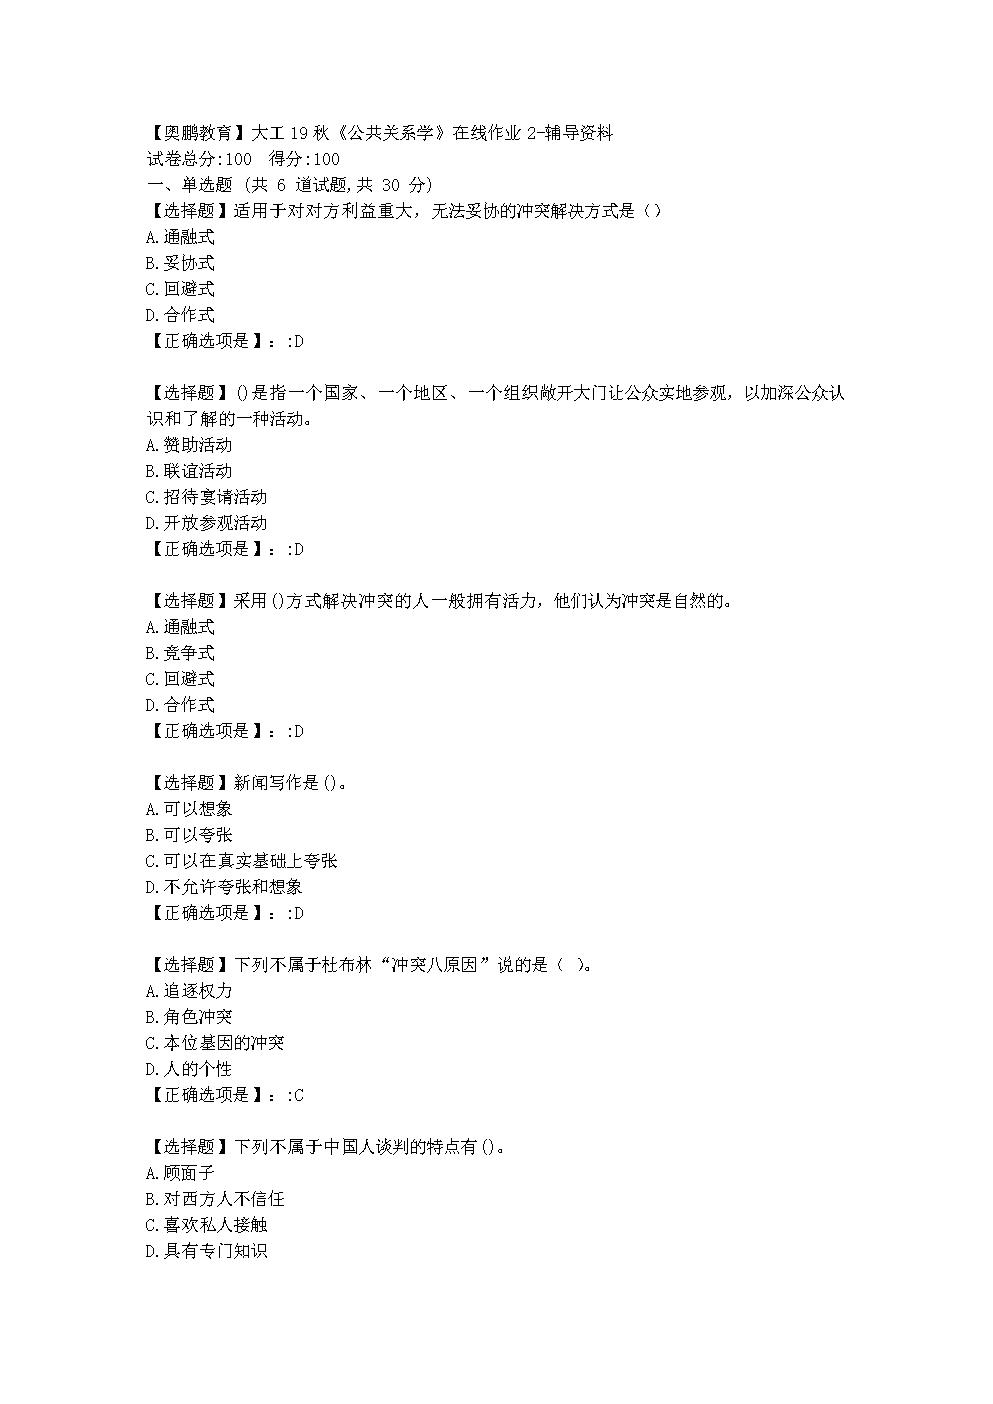 大连理工大学19秋《公共关系学》在线作业2学习资料.doc